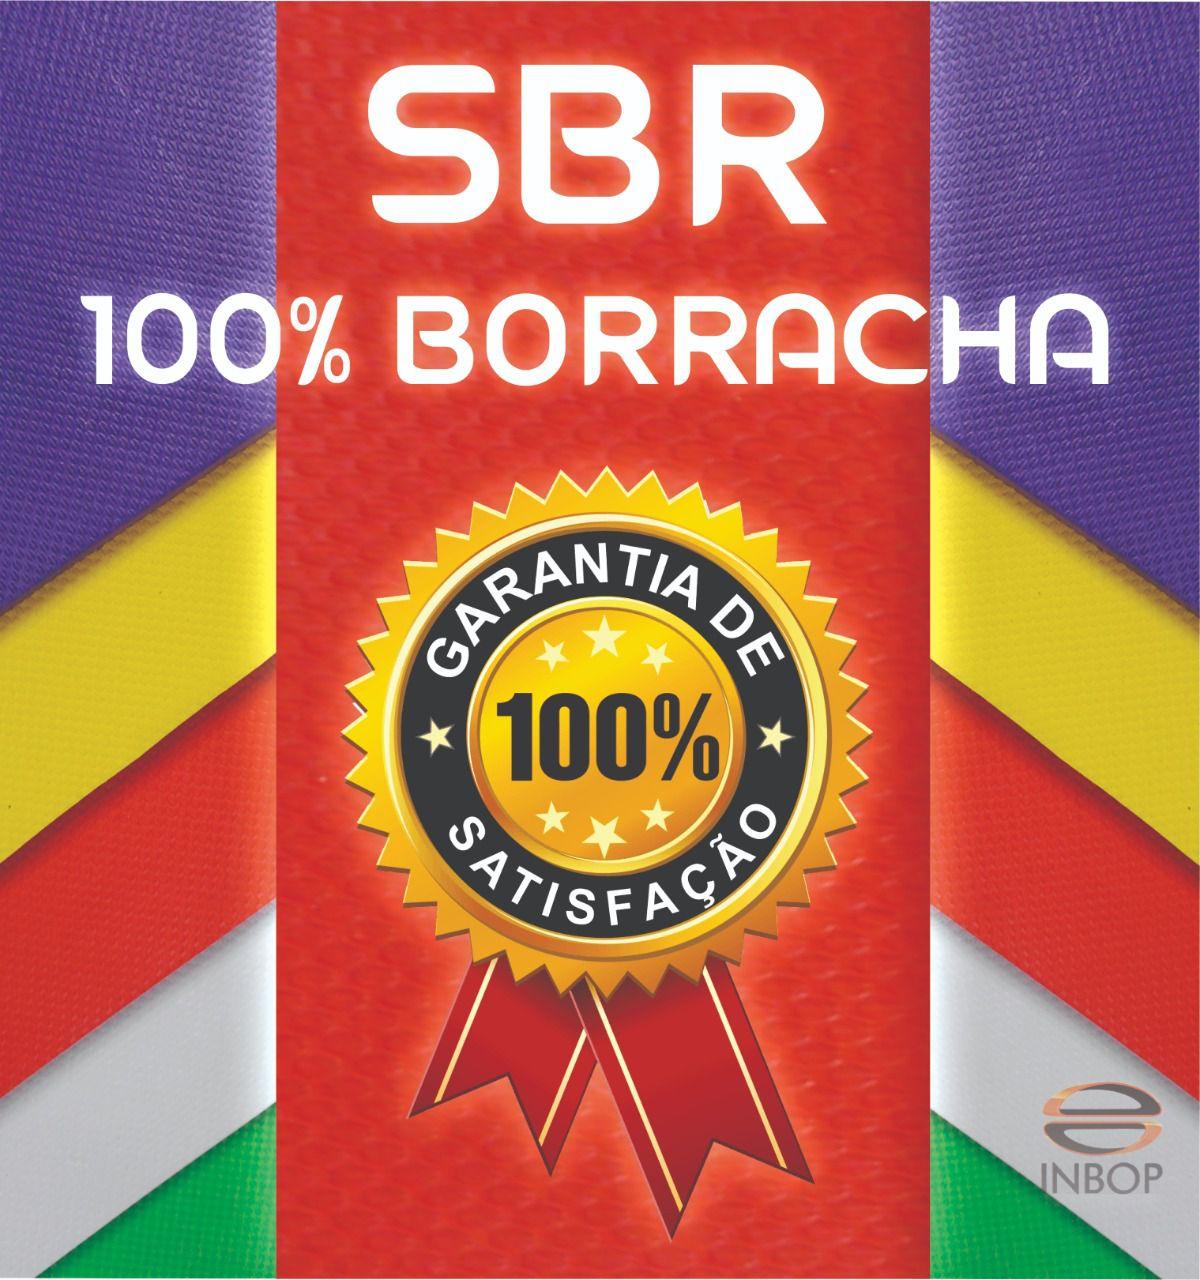 Placa 100% Borracha SBR Reta 1,30m x 0,85m x 14mm - Unidade  - INBOP - Indústria de Borrachas e Polímeros